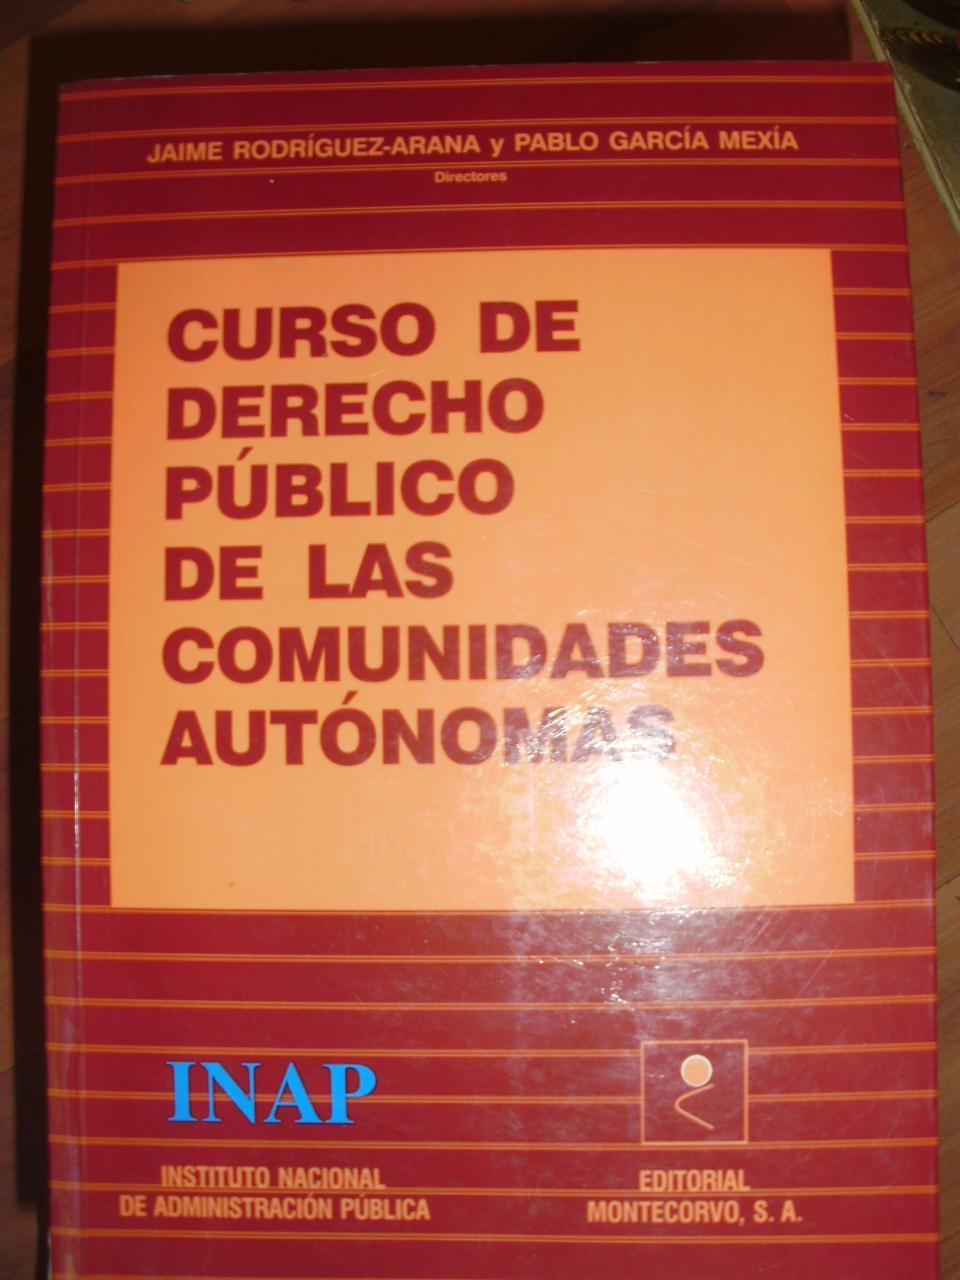 CURSO DE DERECHO PÚBLICO DE LAS COMUNIDADES AUTÓNOMAS (Madrid, 2003) - Jaime Rodríguez-Arana/Pablo García Mexía